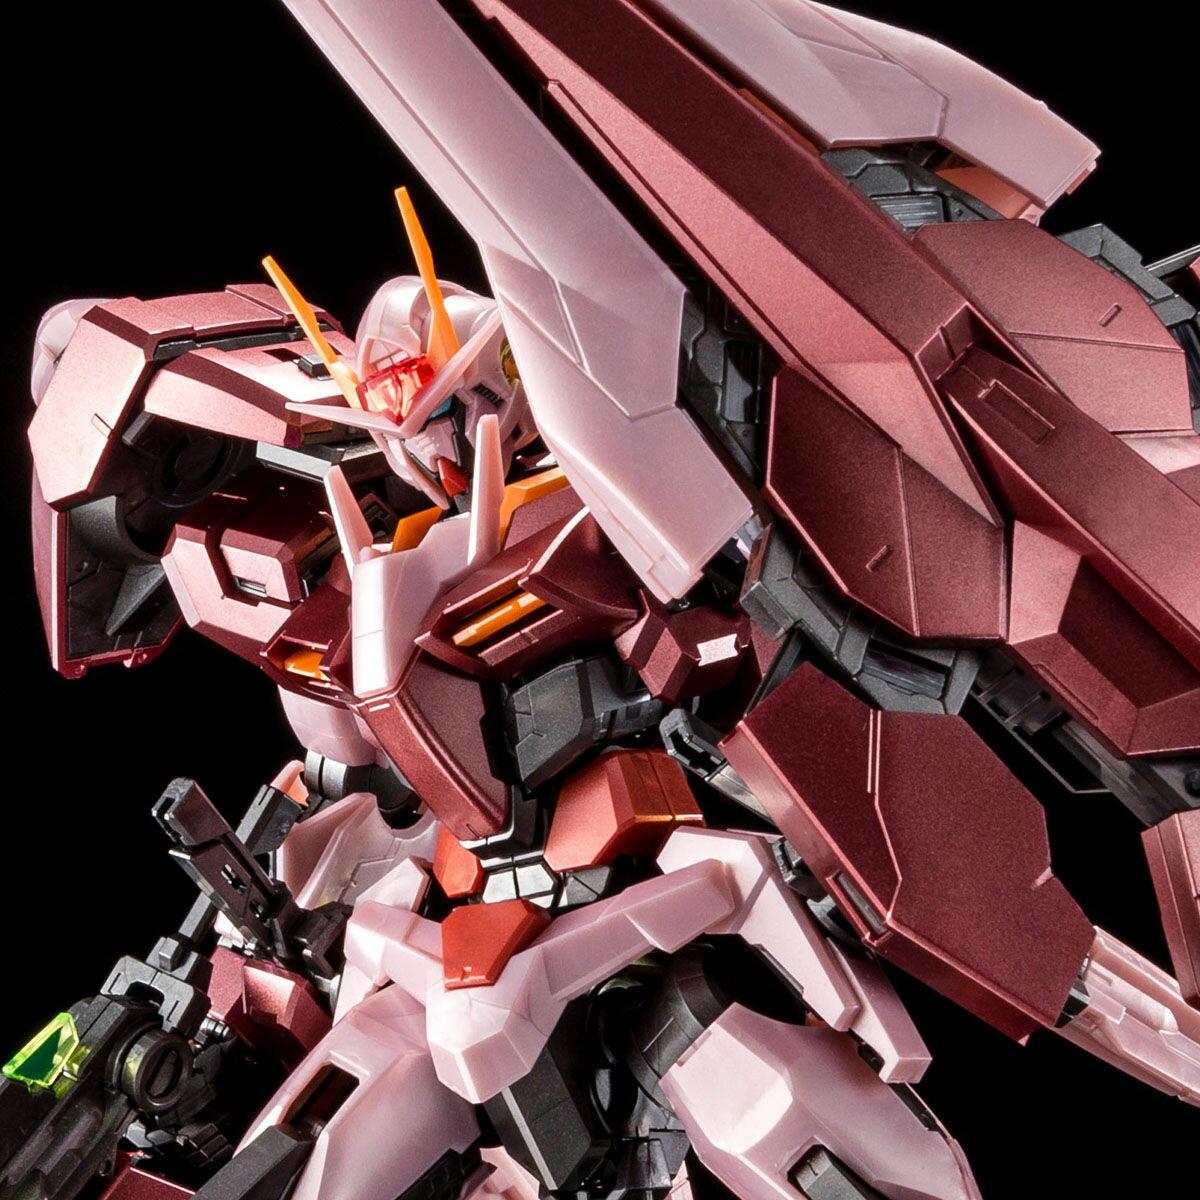 ◆時光殺手玩具館◆ 現貨 @日本PB限定版@ 組裝模型 模型 MG 1/100 00 七劍鋼彈 TRANS色 特殊塗裝版